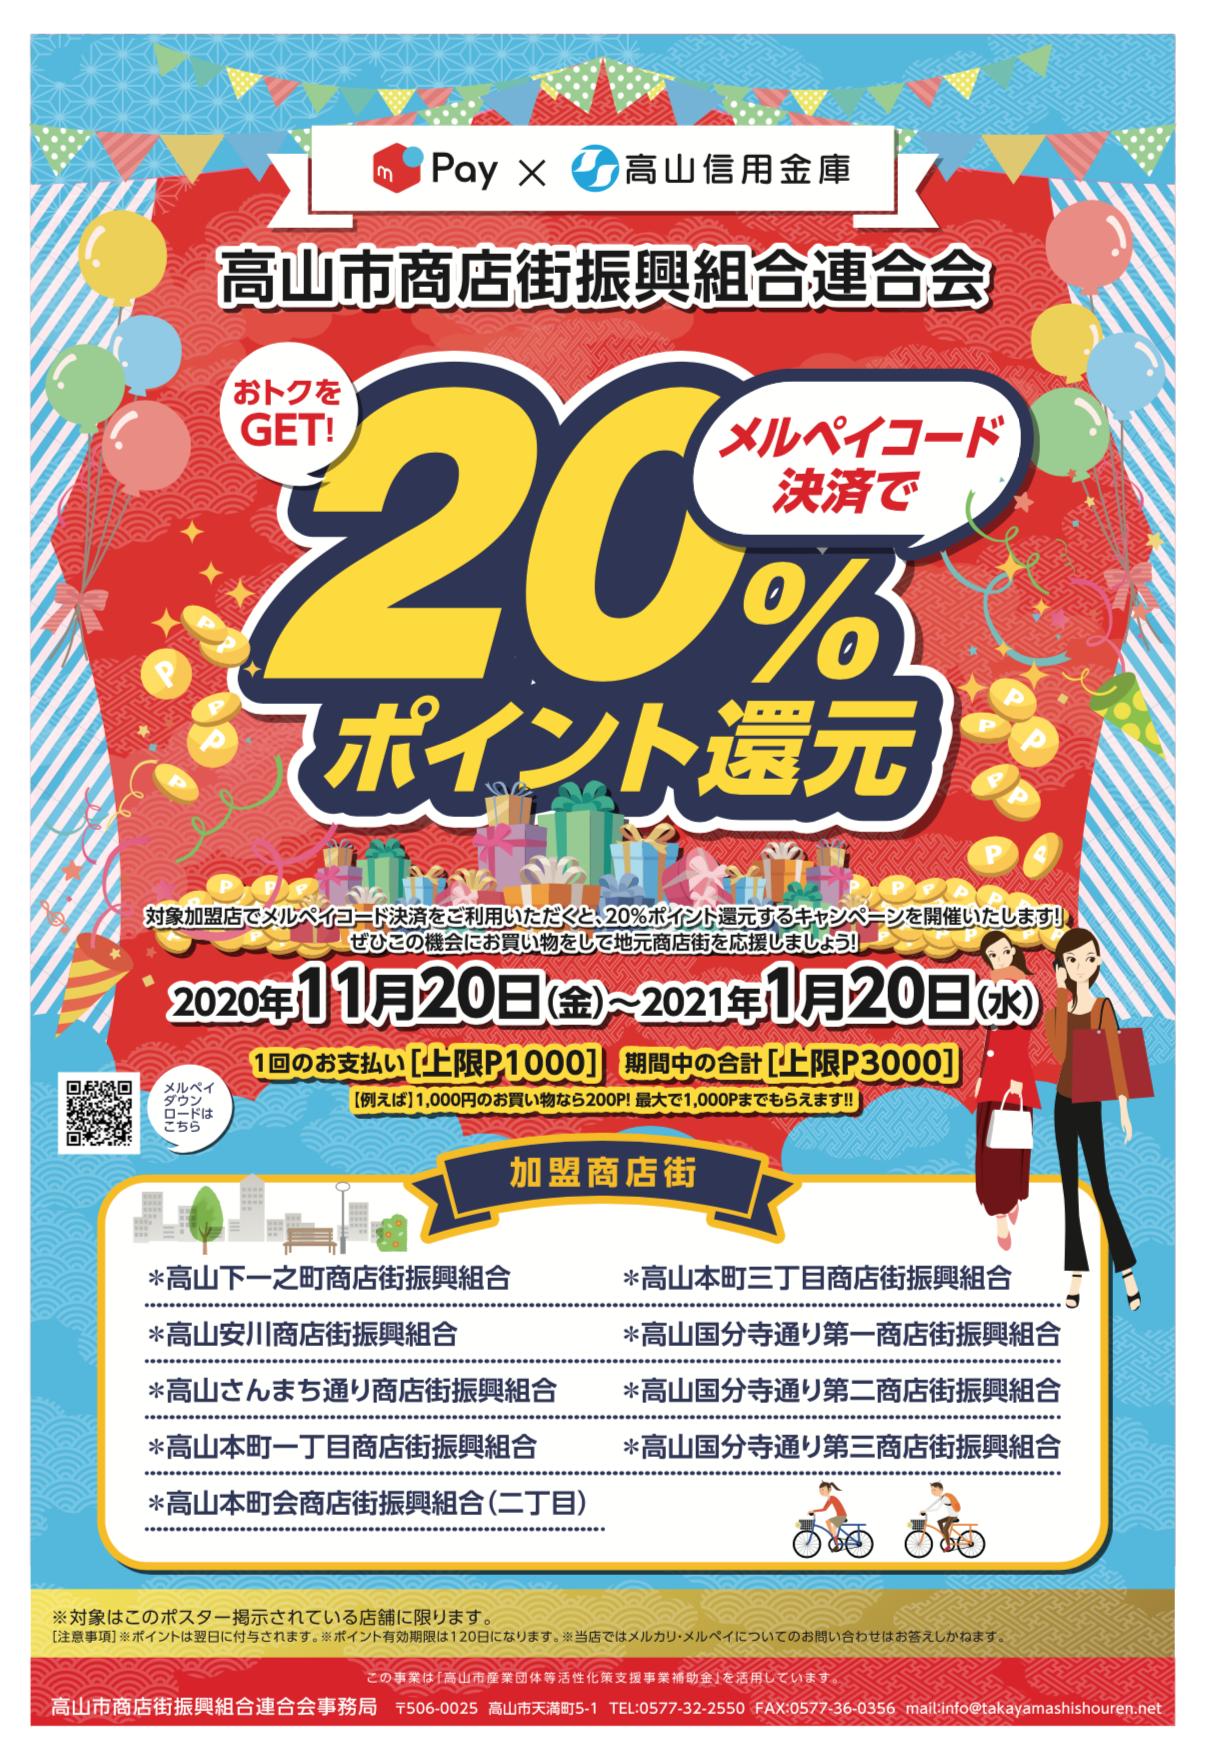 【11/20~1/20】岐阜県高山市商店街トクトクプロジェクト!メルペイ20%還元キャンペーン開催!